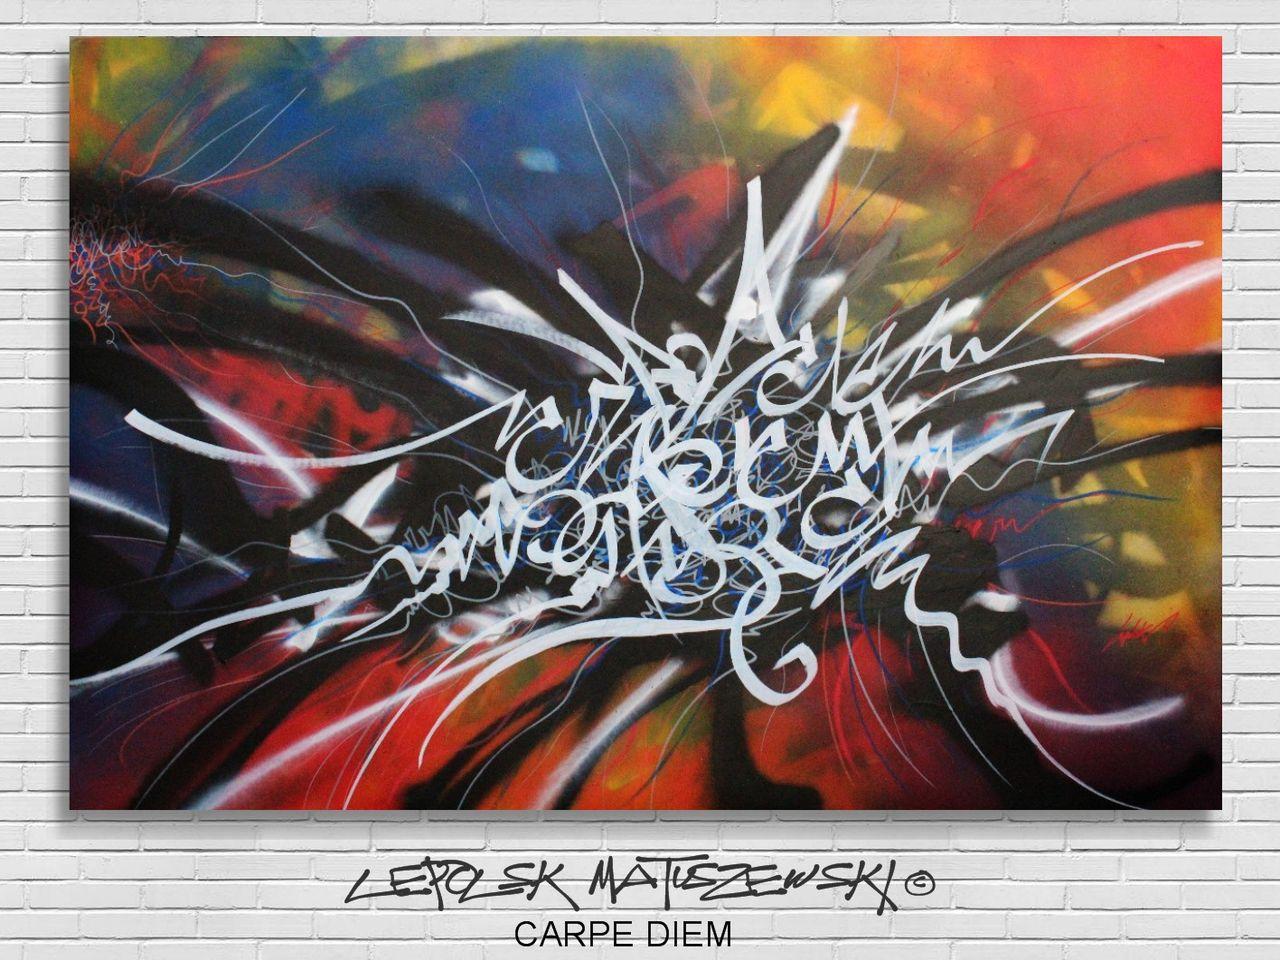 MK  Lepolsk Matuszewski CARPE DIEM  abstract calligraffiti - Calligraffiti  abstraite  © Lepolsk 2015